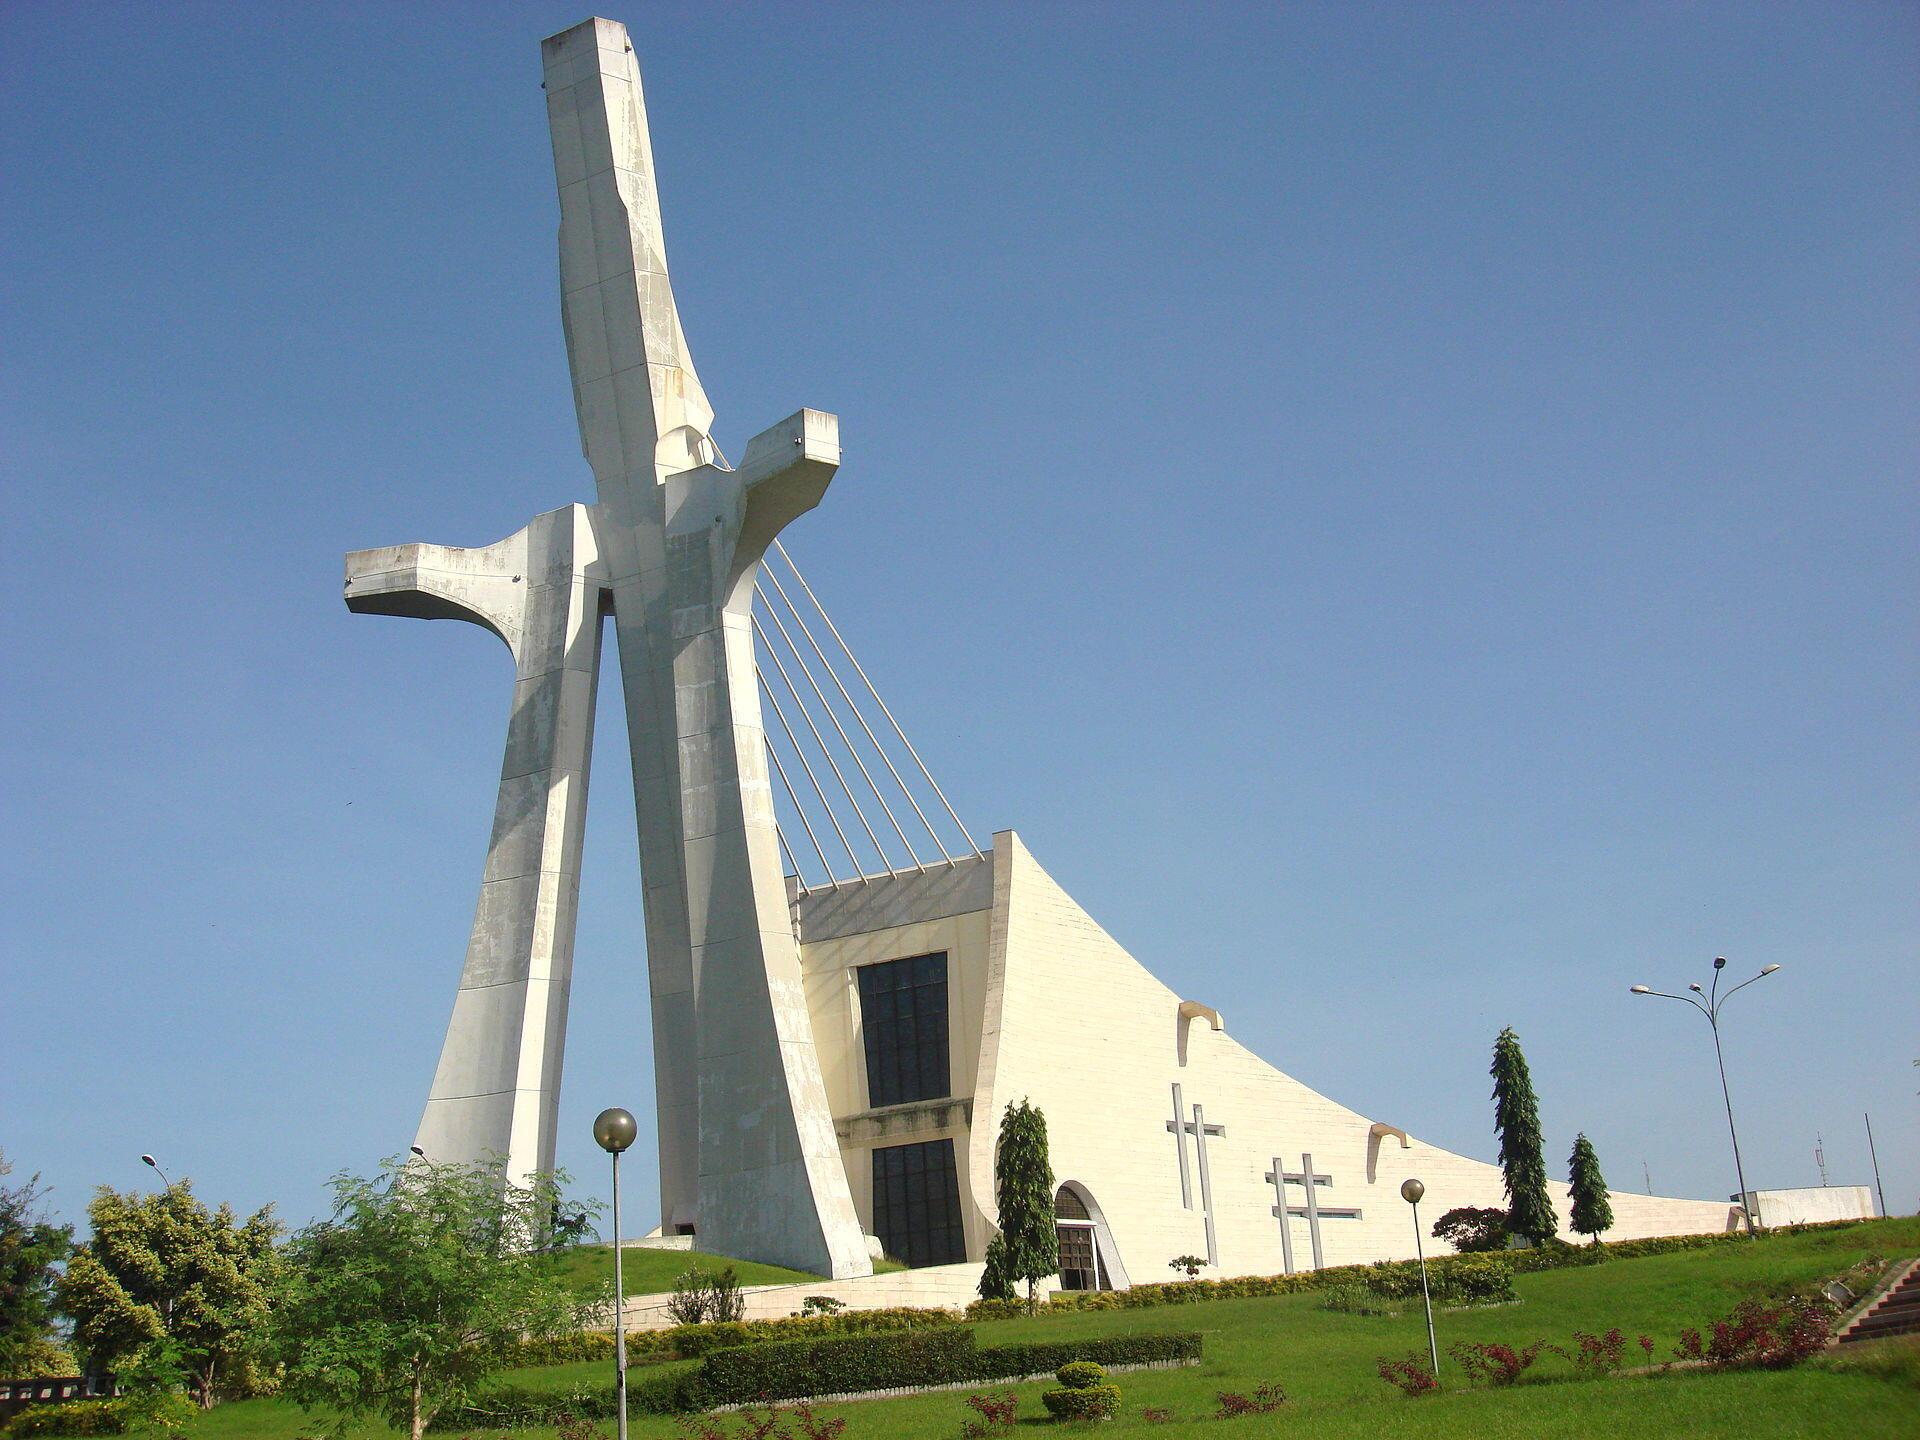 La cathédrale Saint-Paul d'Abidjan est la cathédrale de l'archidiocèse d'Abidjan.